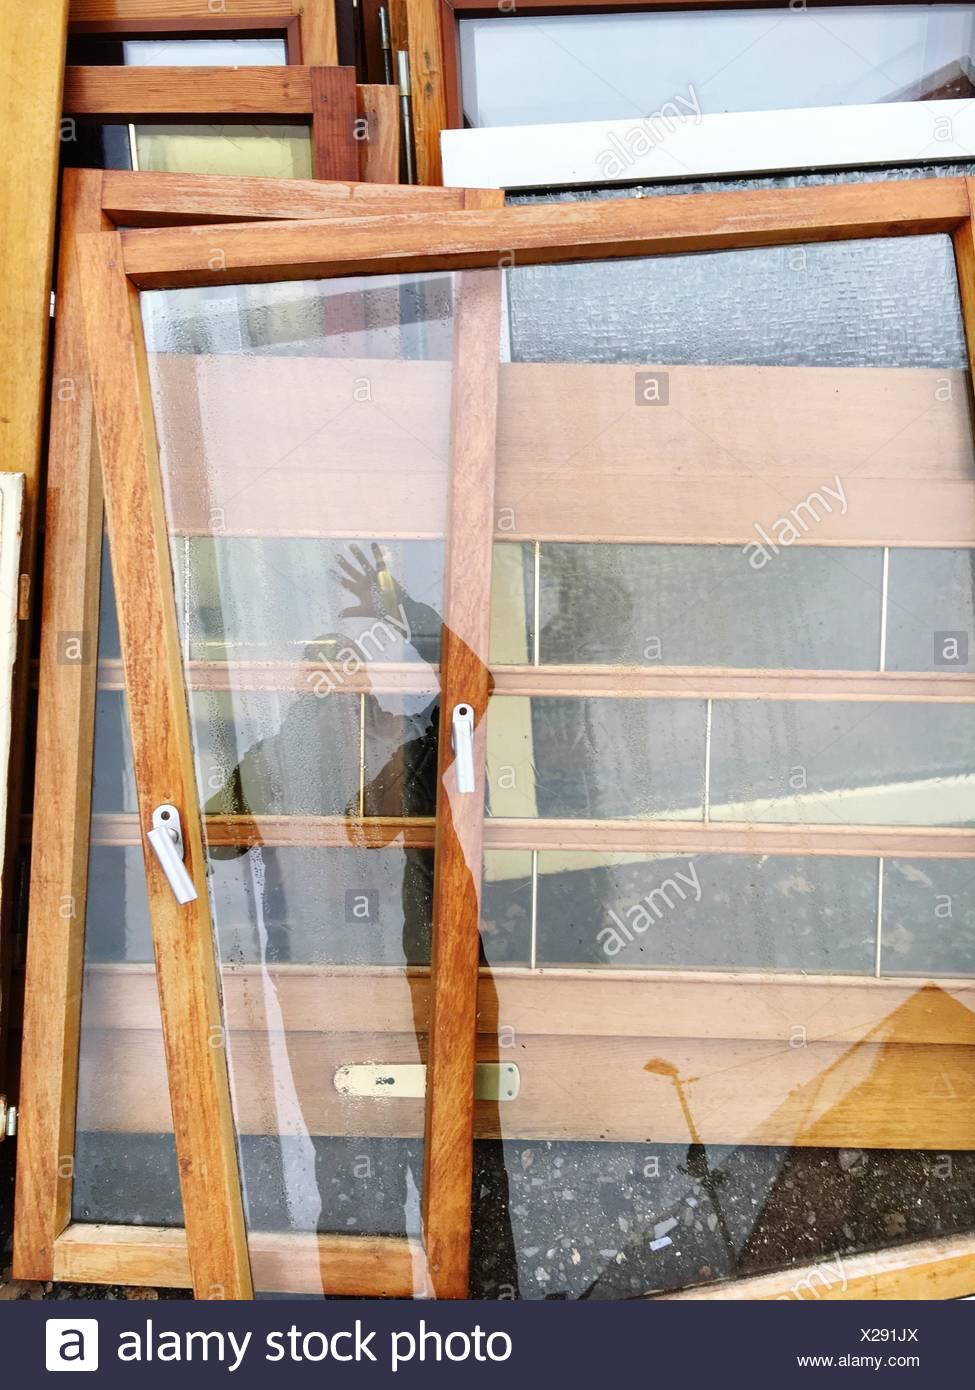 La reflexión del hombre en la puerta de vidrio en el taller Imagen De Stock